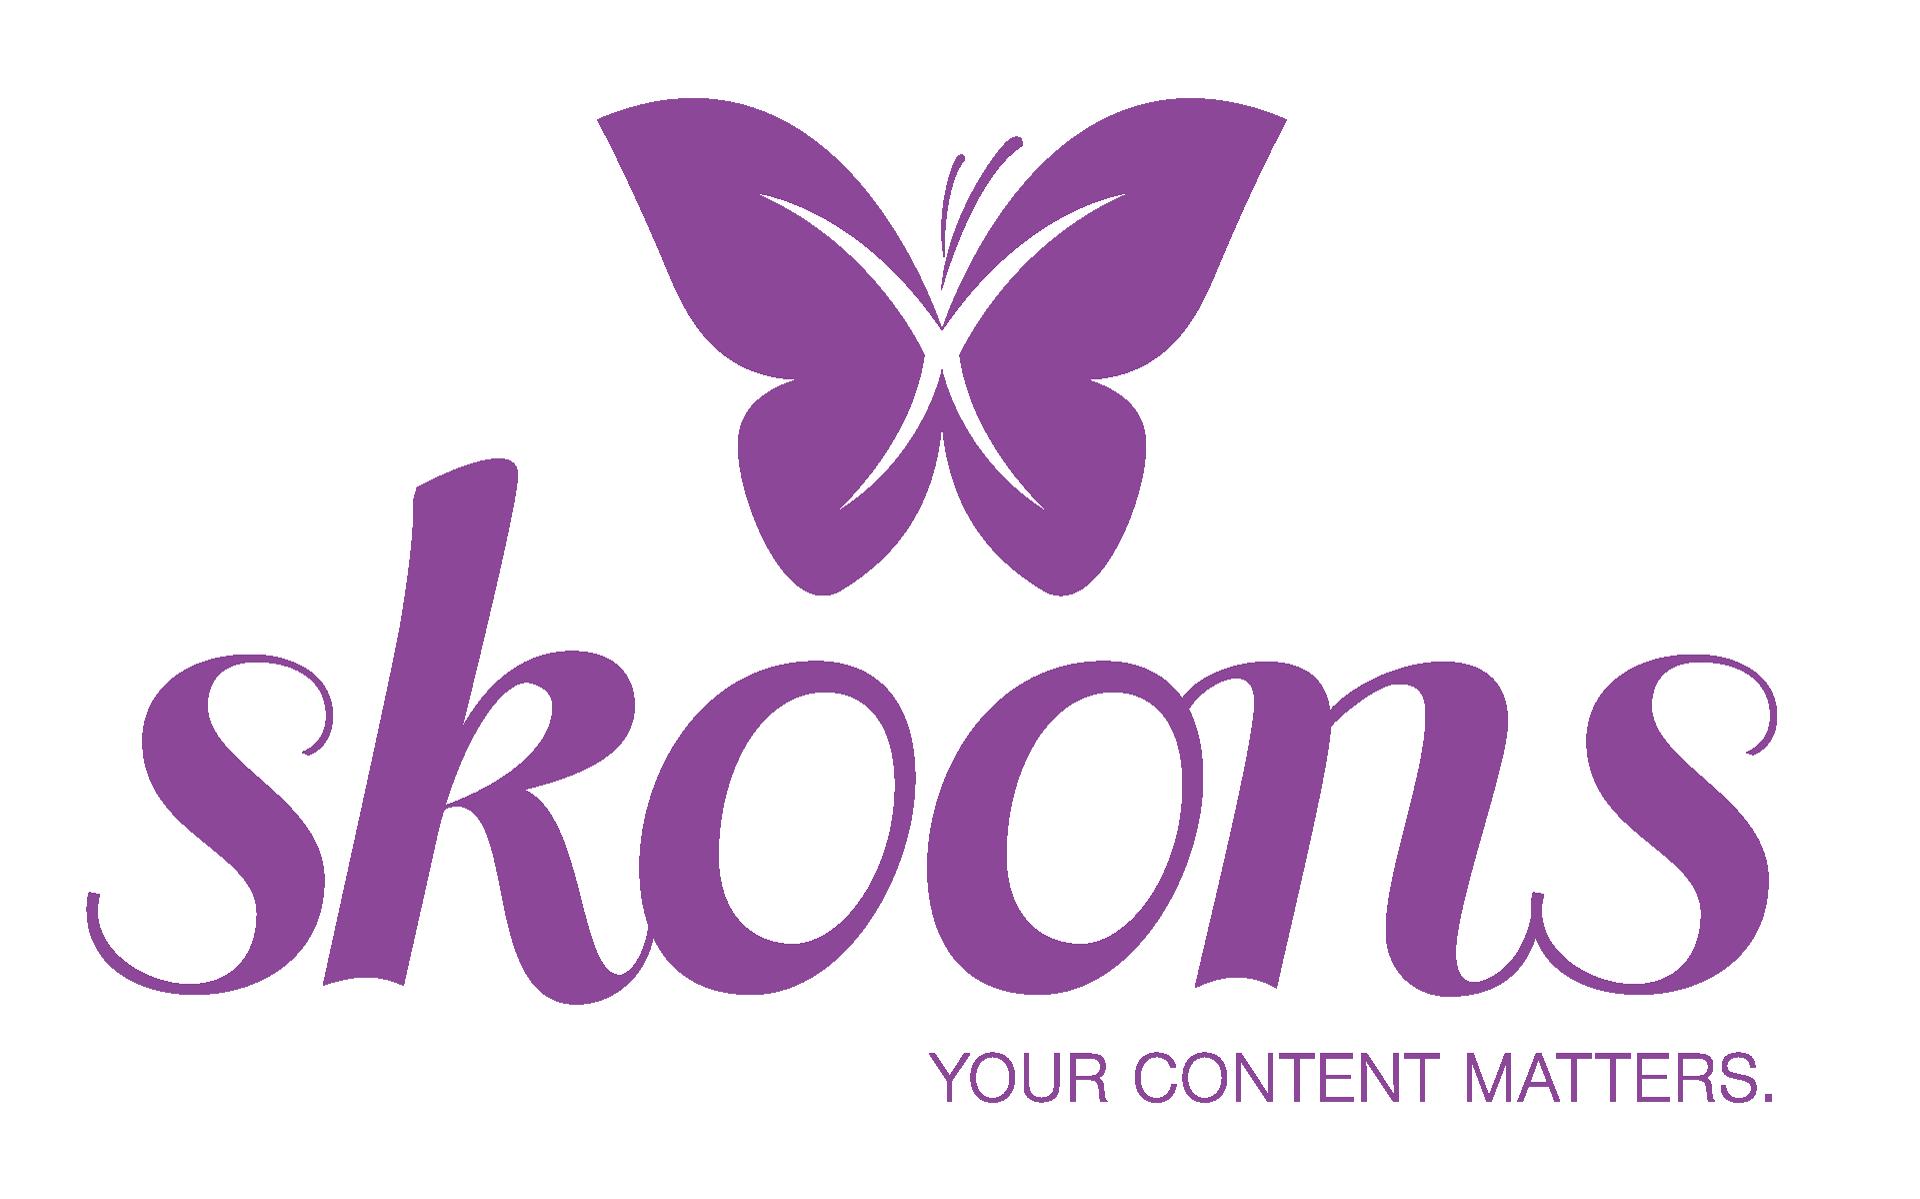 Het paarse logo van skoons